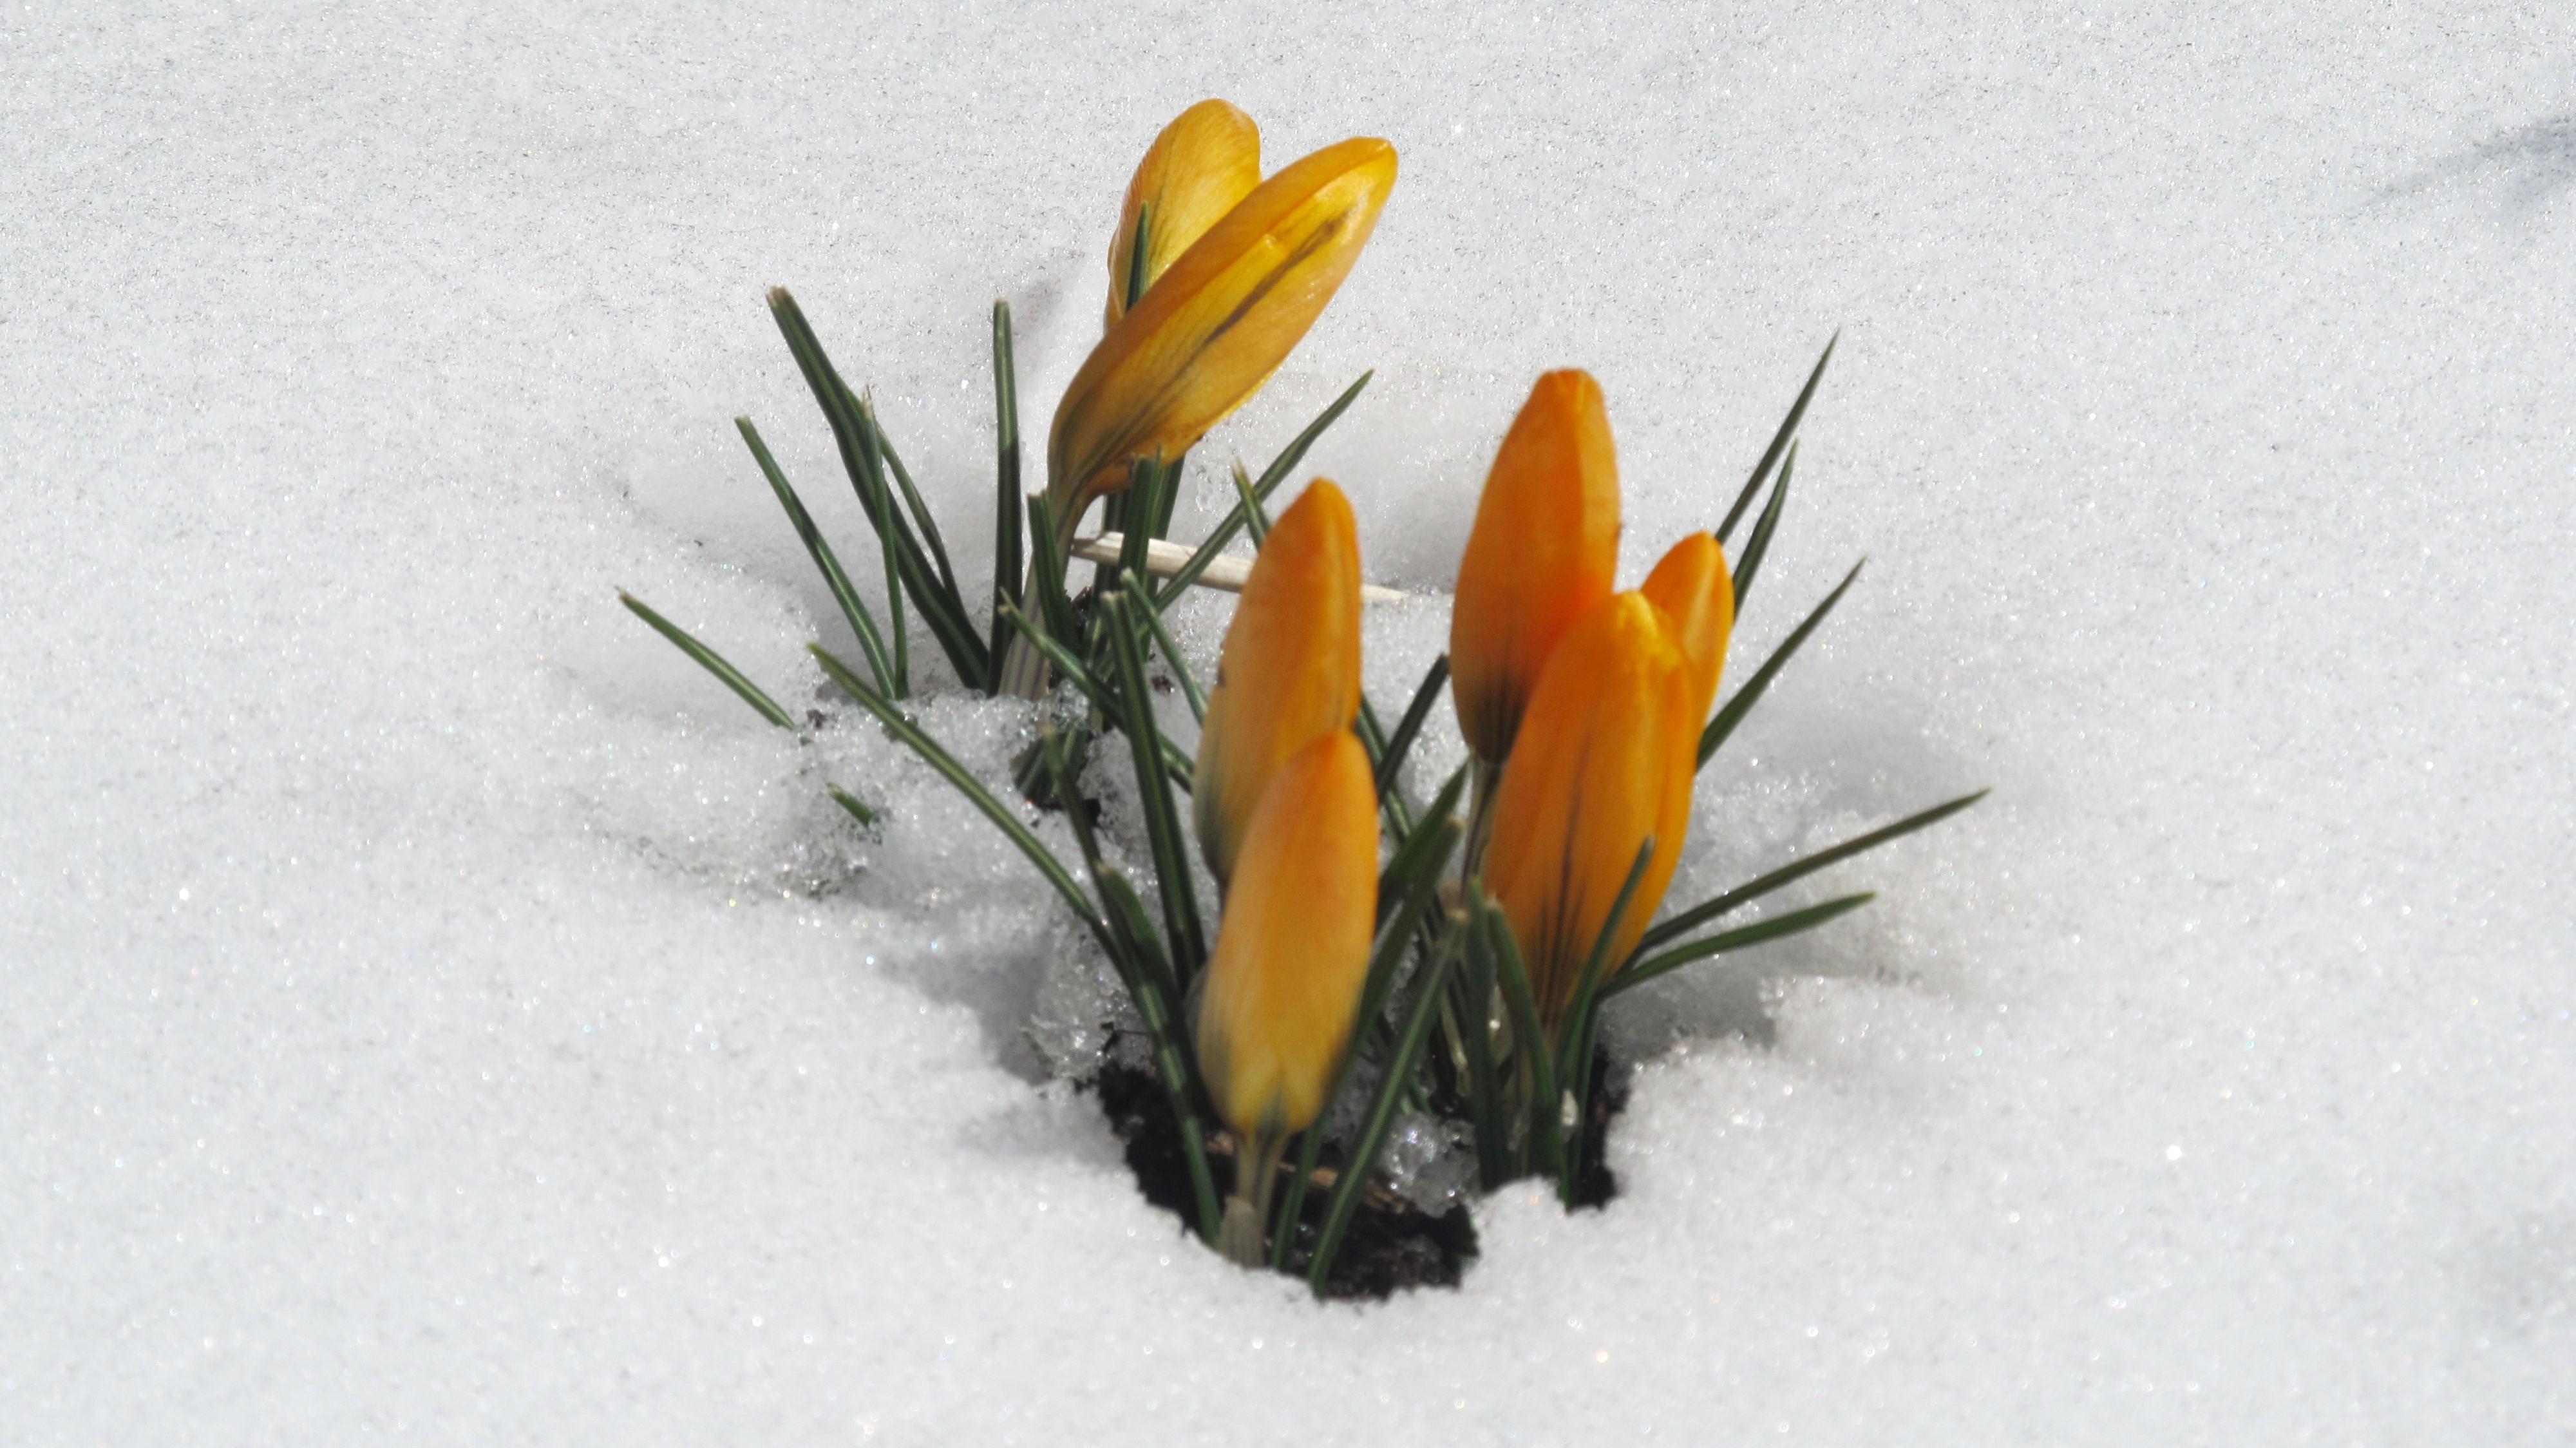 Crocus in snow, yellow